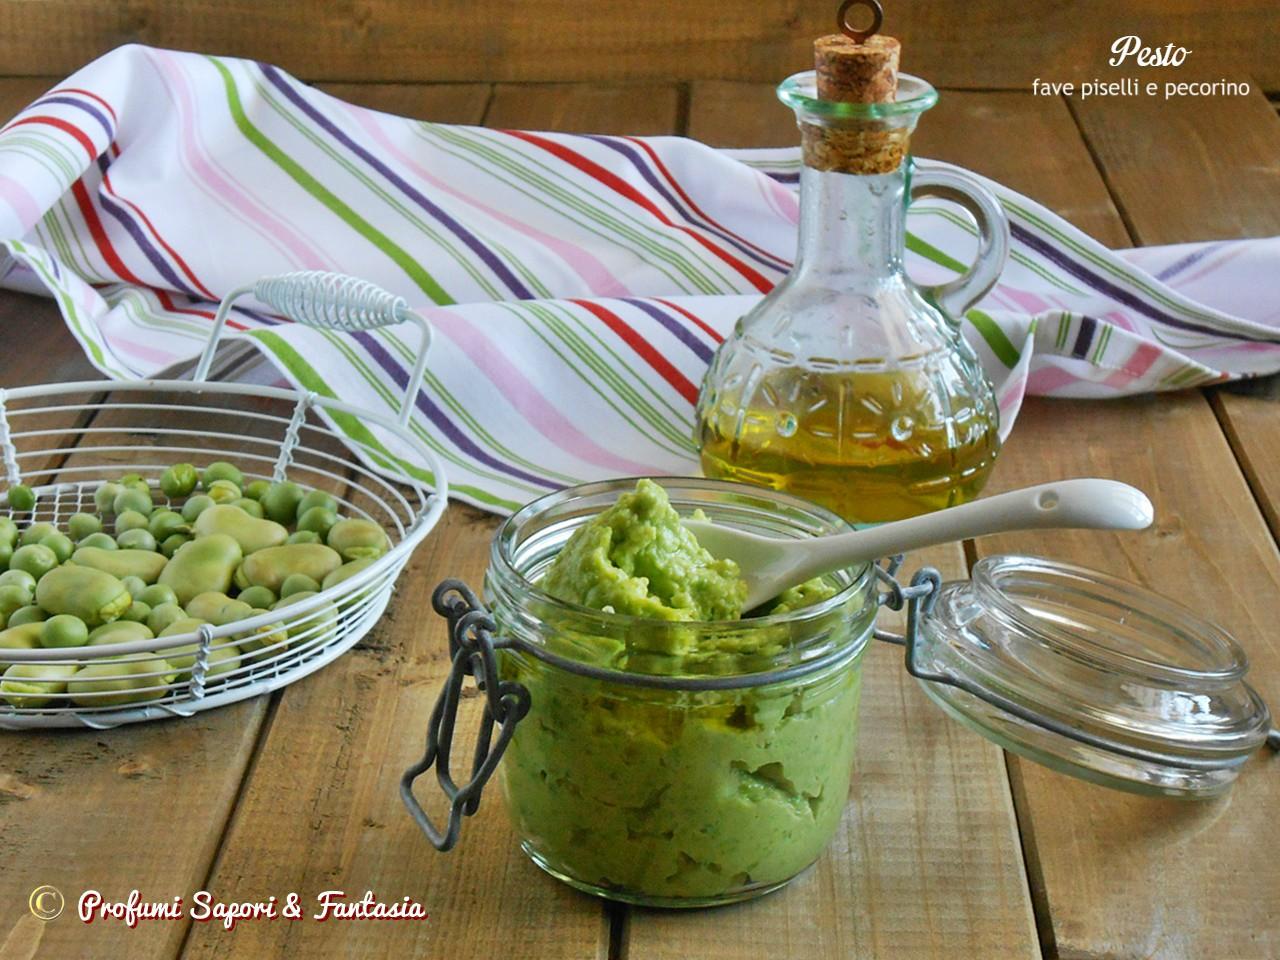 Pesto con piselli fave e pecorino orizz